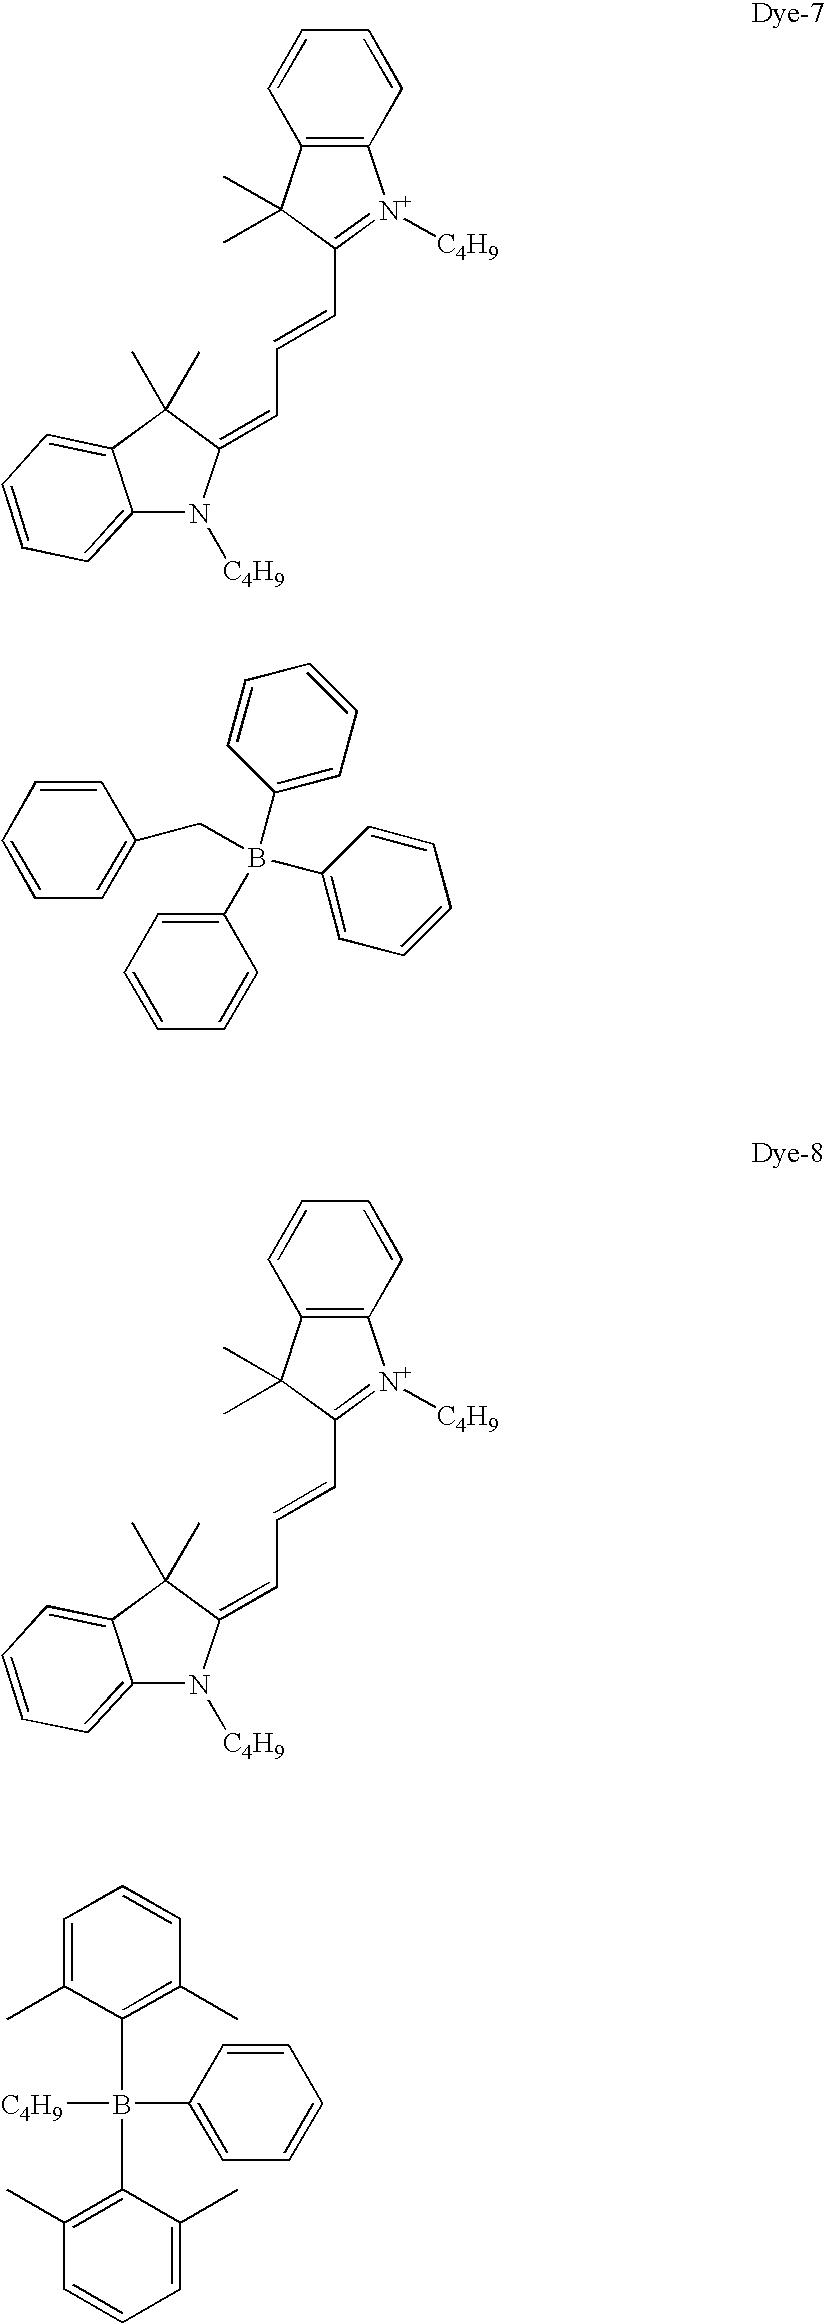 Figure US20050084790A1-20050421-C00004